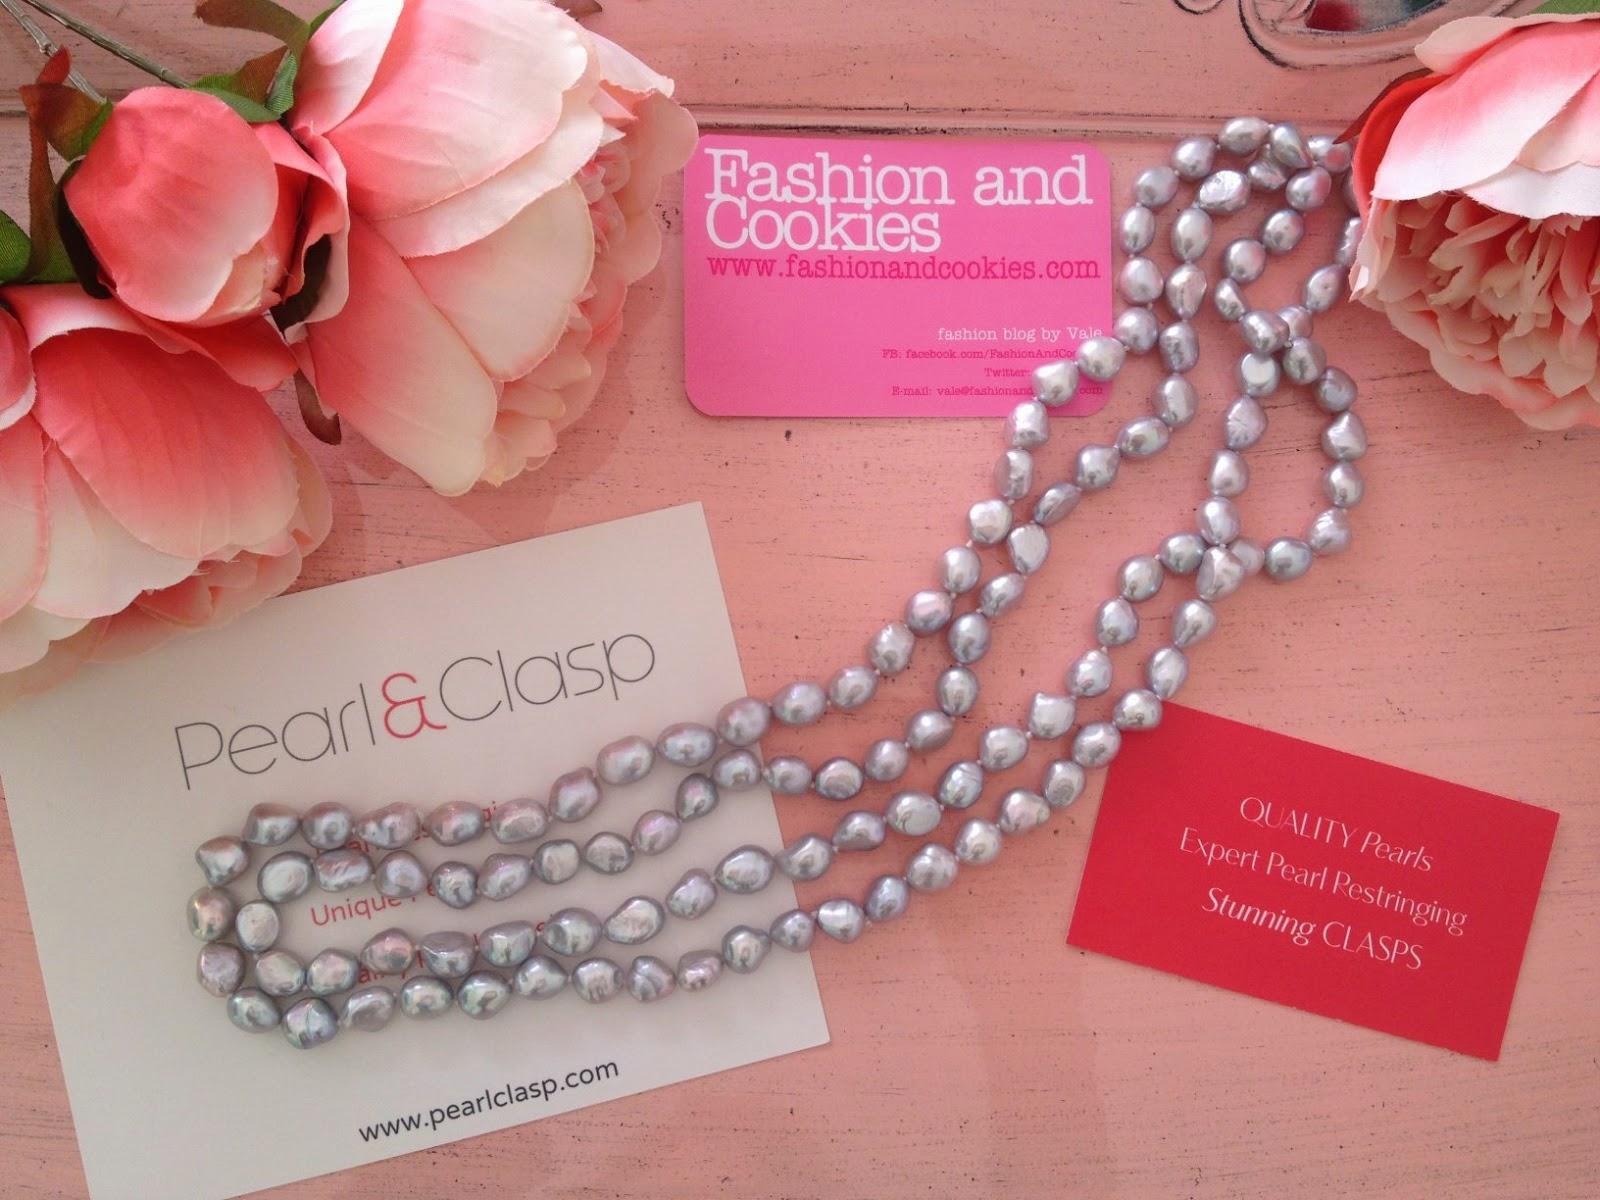 Rosa Secca Cosa Fare pearl & clasp gray endless pearl necklace review   fashion